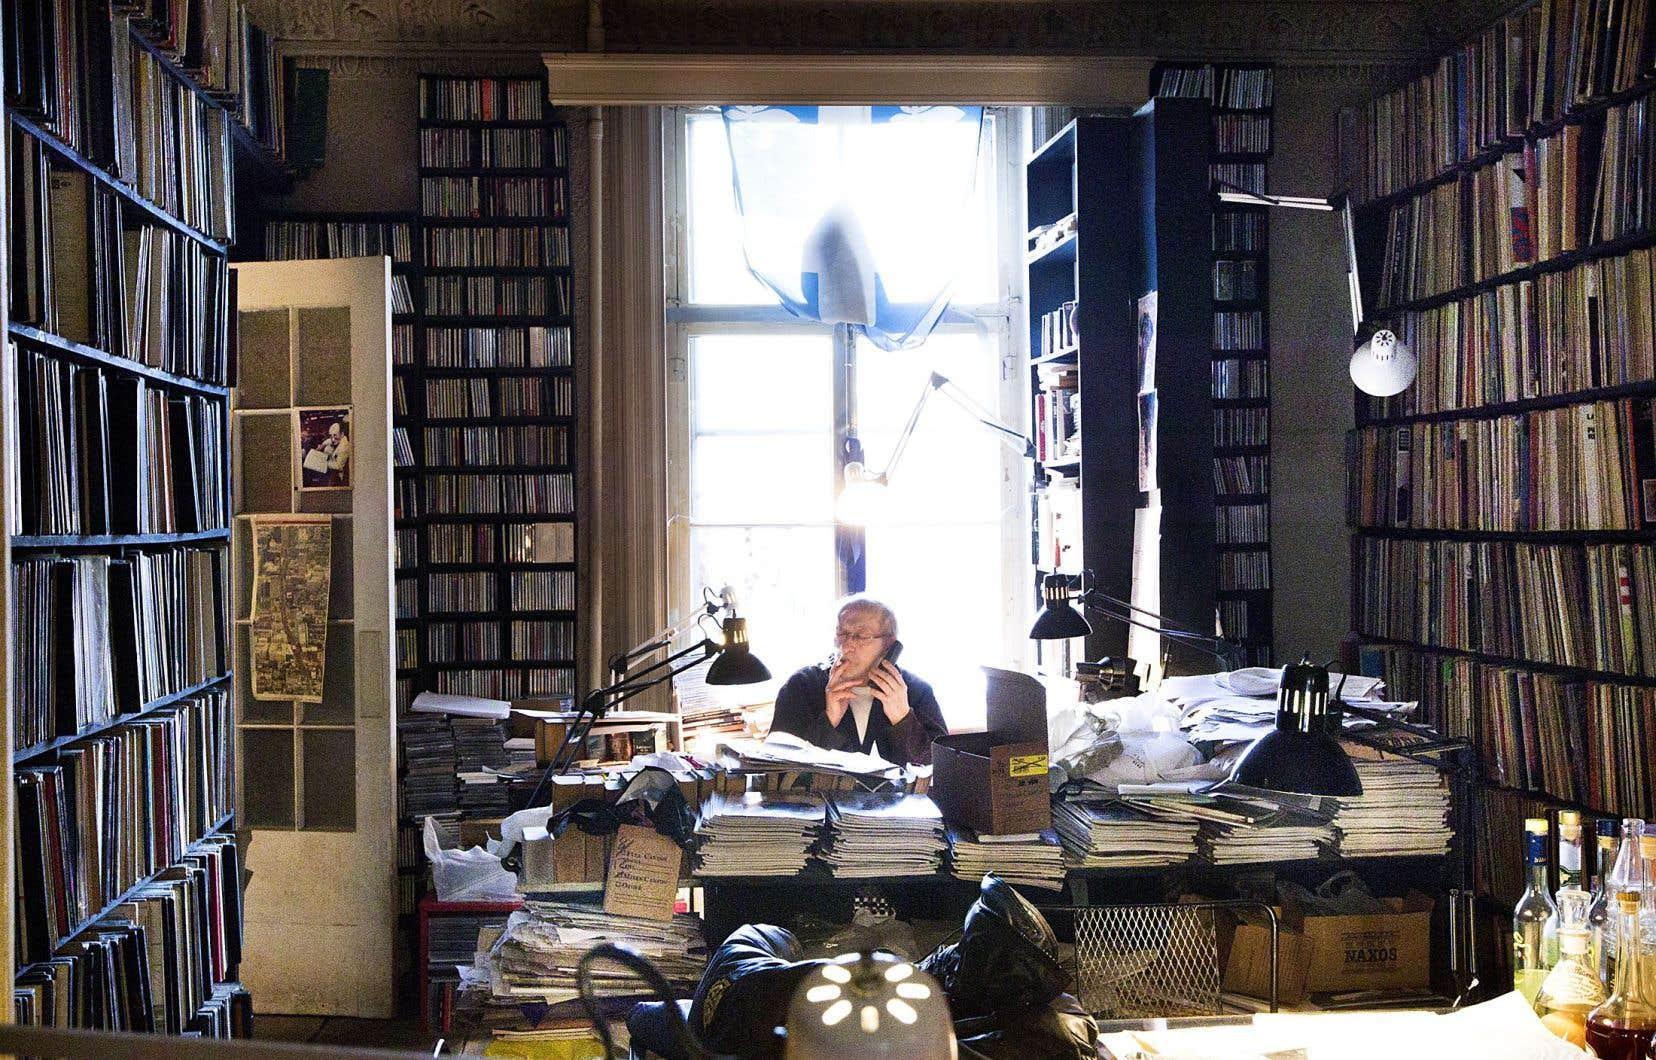 Claude Gingras possédait une collection de 150 000 vinyles et CD. Il est ici photographié dans son appartement du carré Saint-Louis, à Montréal, en 2014.